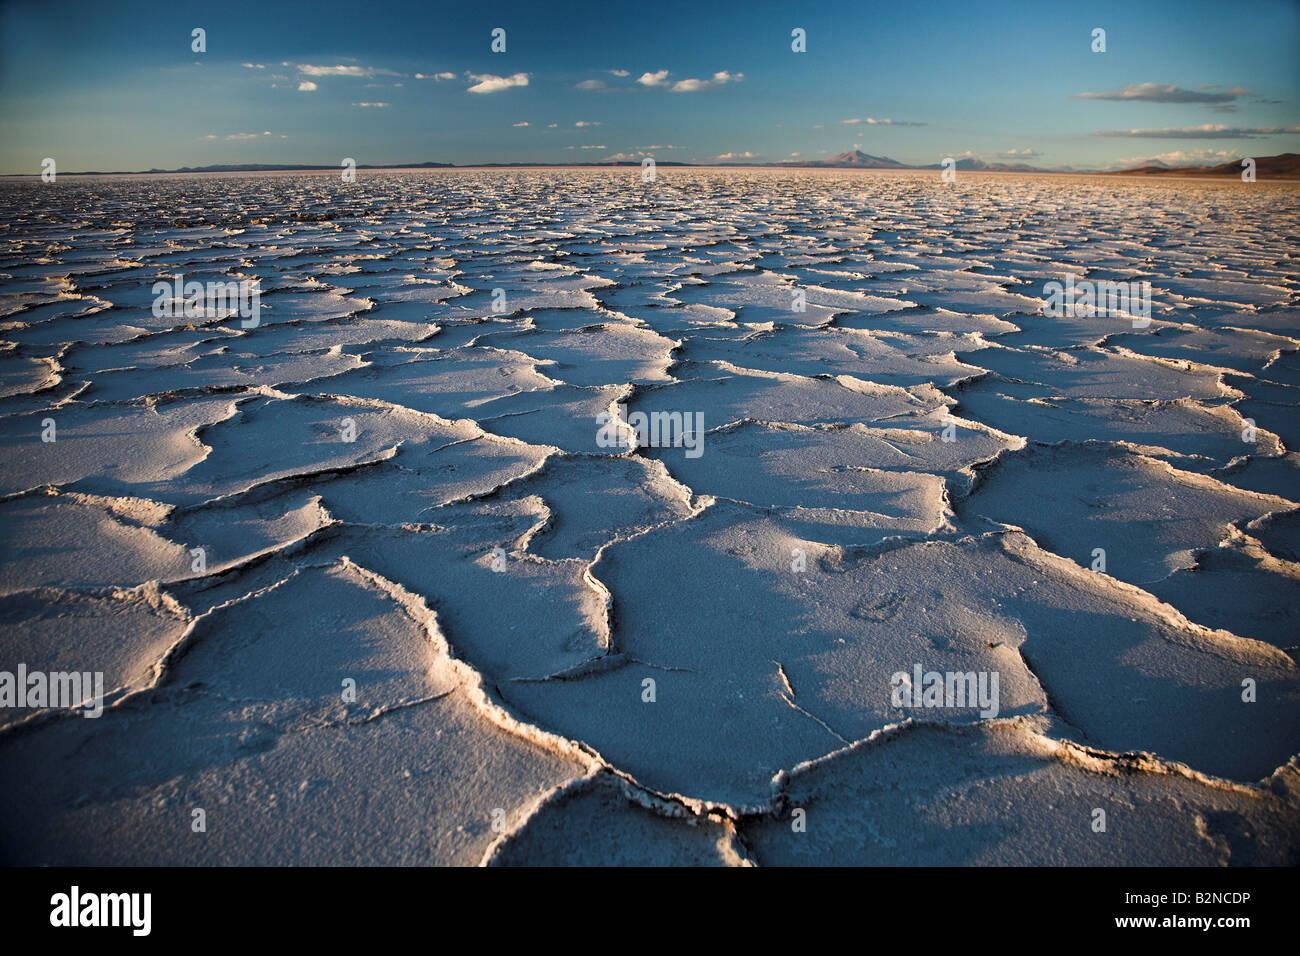 Rotto la superficie della terra all'alba nel Salar de Uyuni saline in Bolivia. Immagini Stock